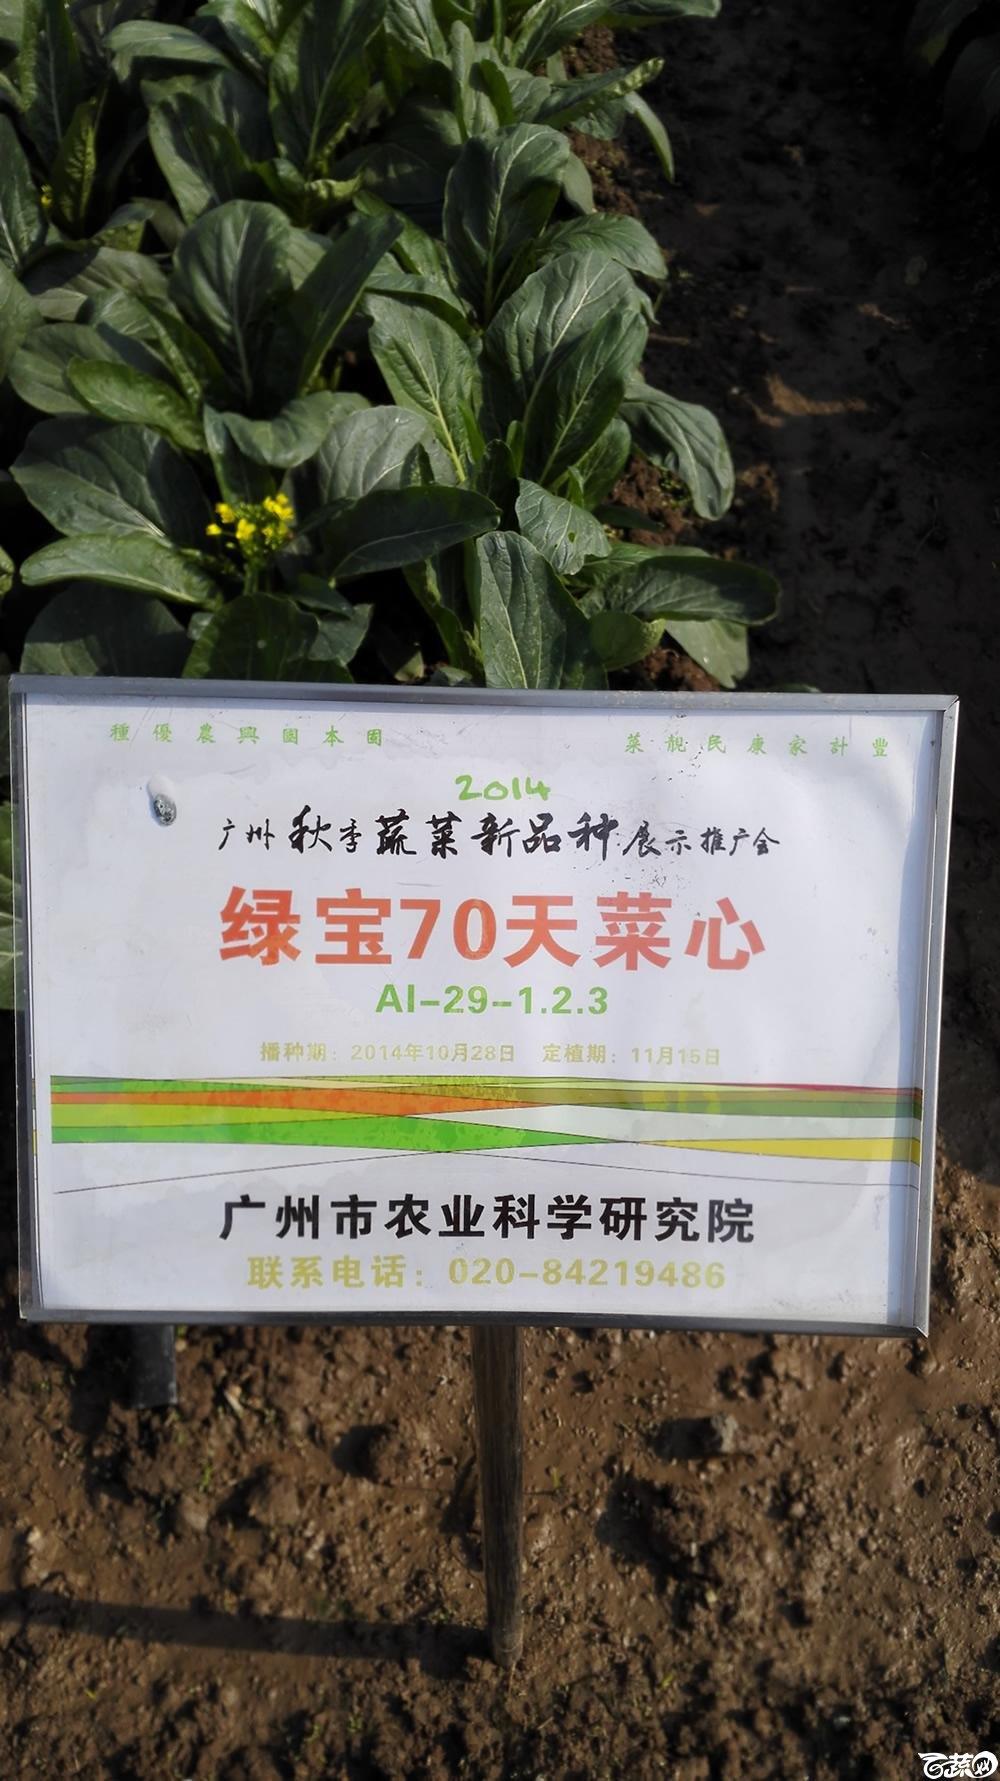 2014年12月10号广州市农科院南沙秋季蔬菜新品种展示会_叶菜_098.jpg